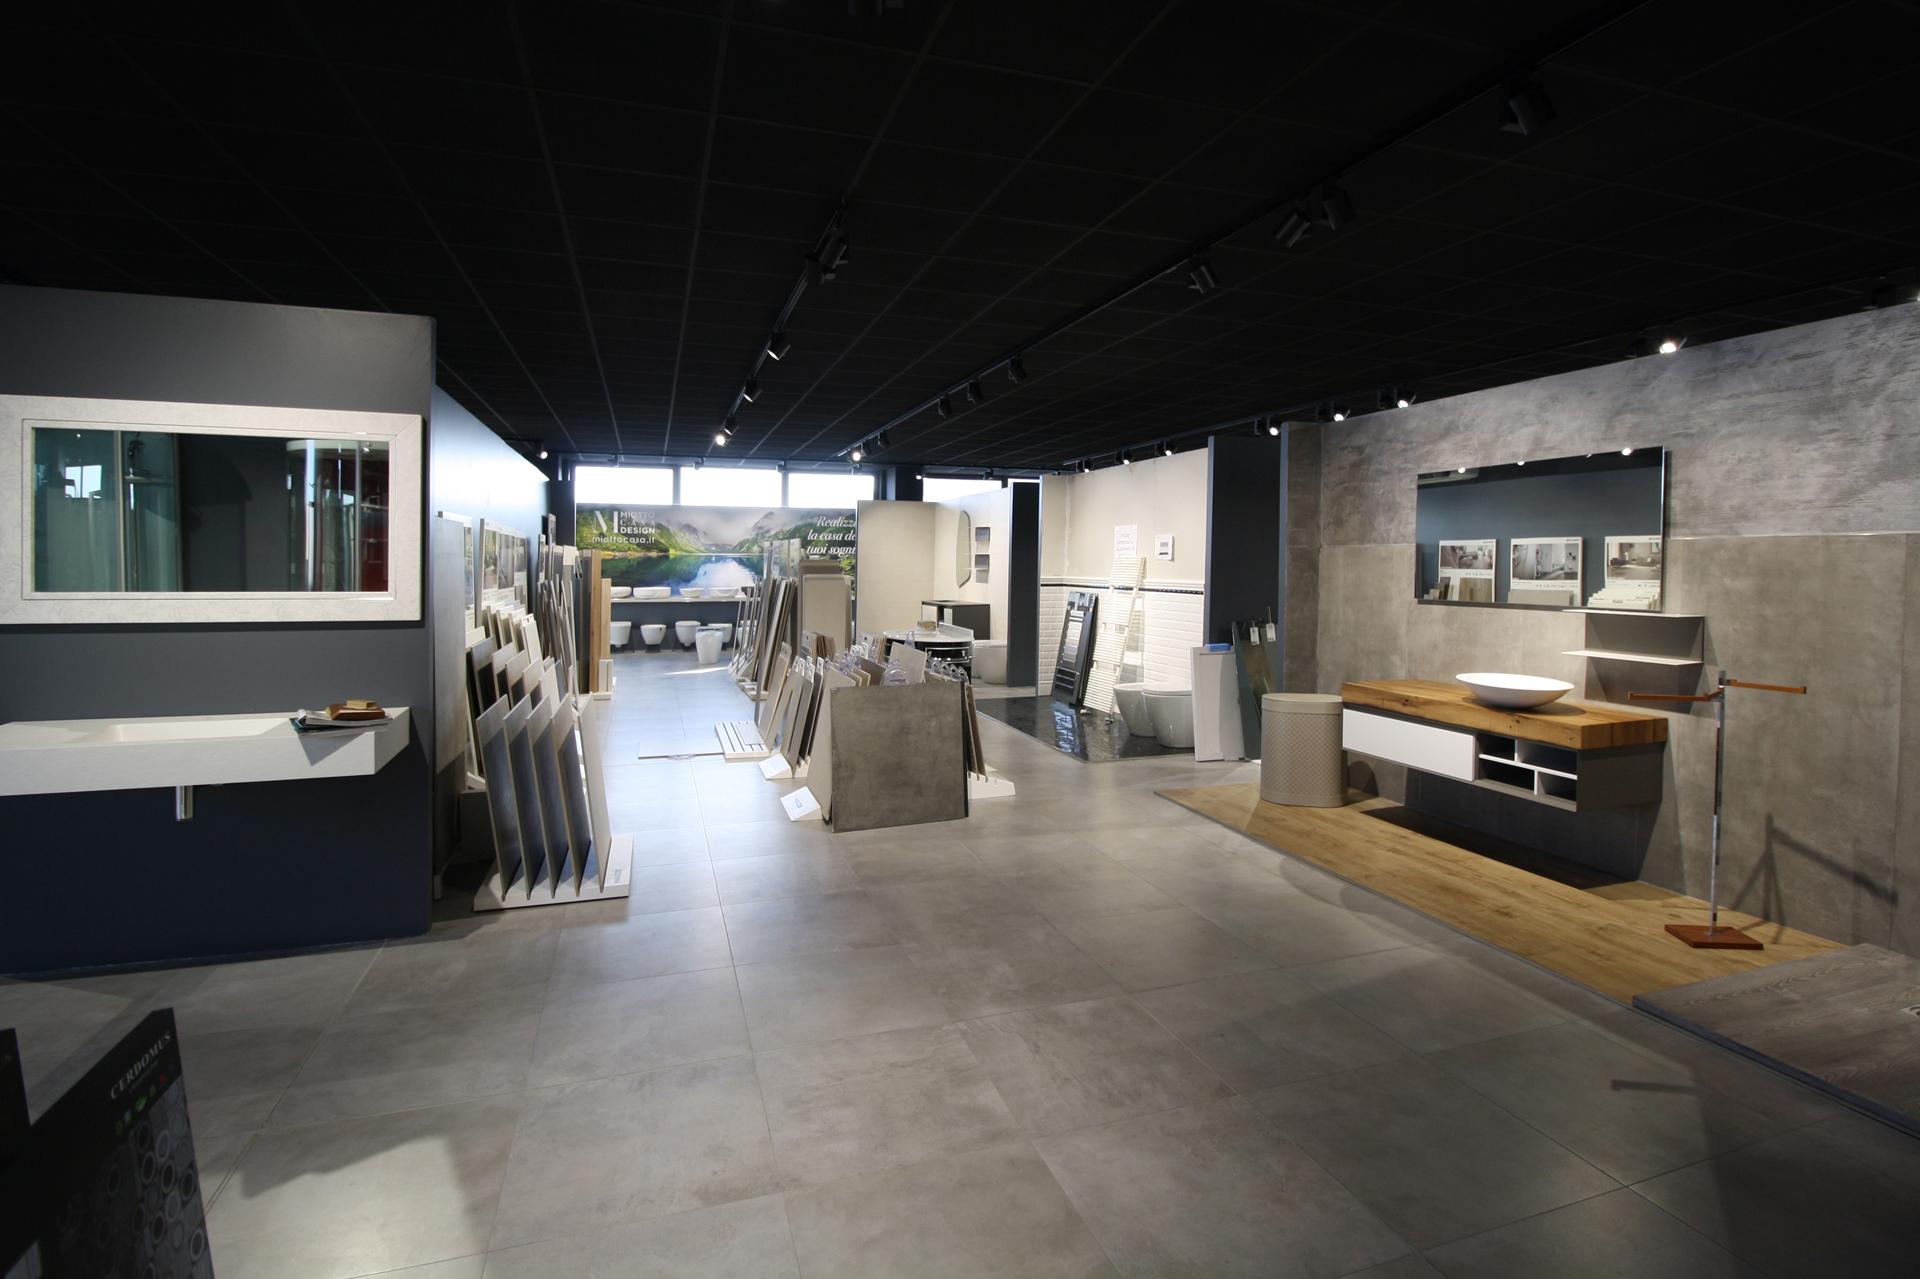 Progettazione interni interior retail design - Cucine nuovo arredo ...